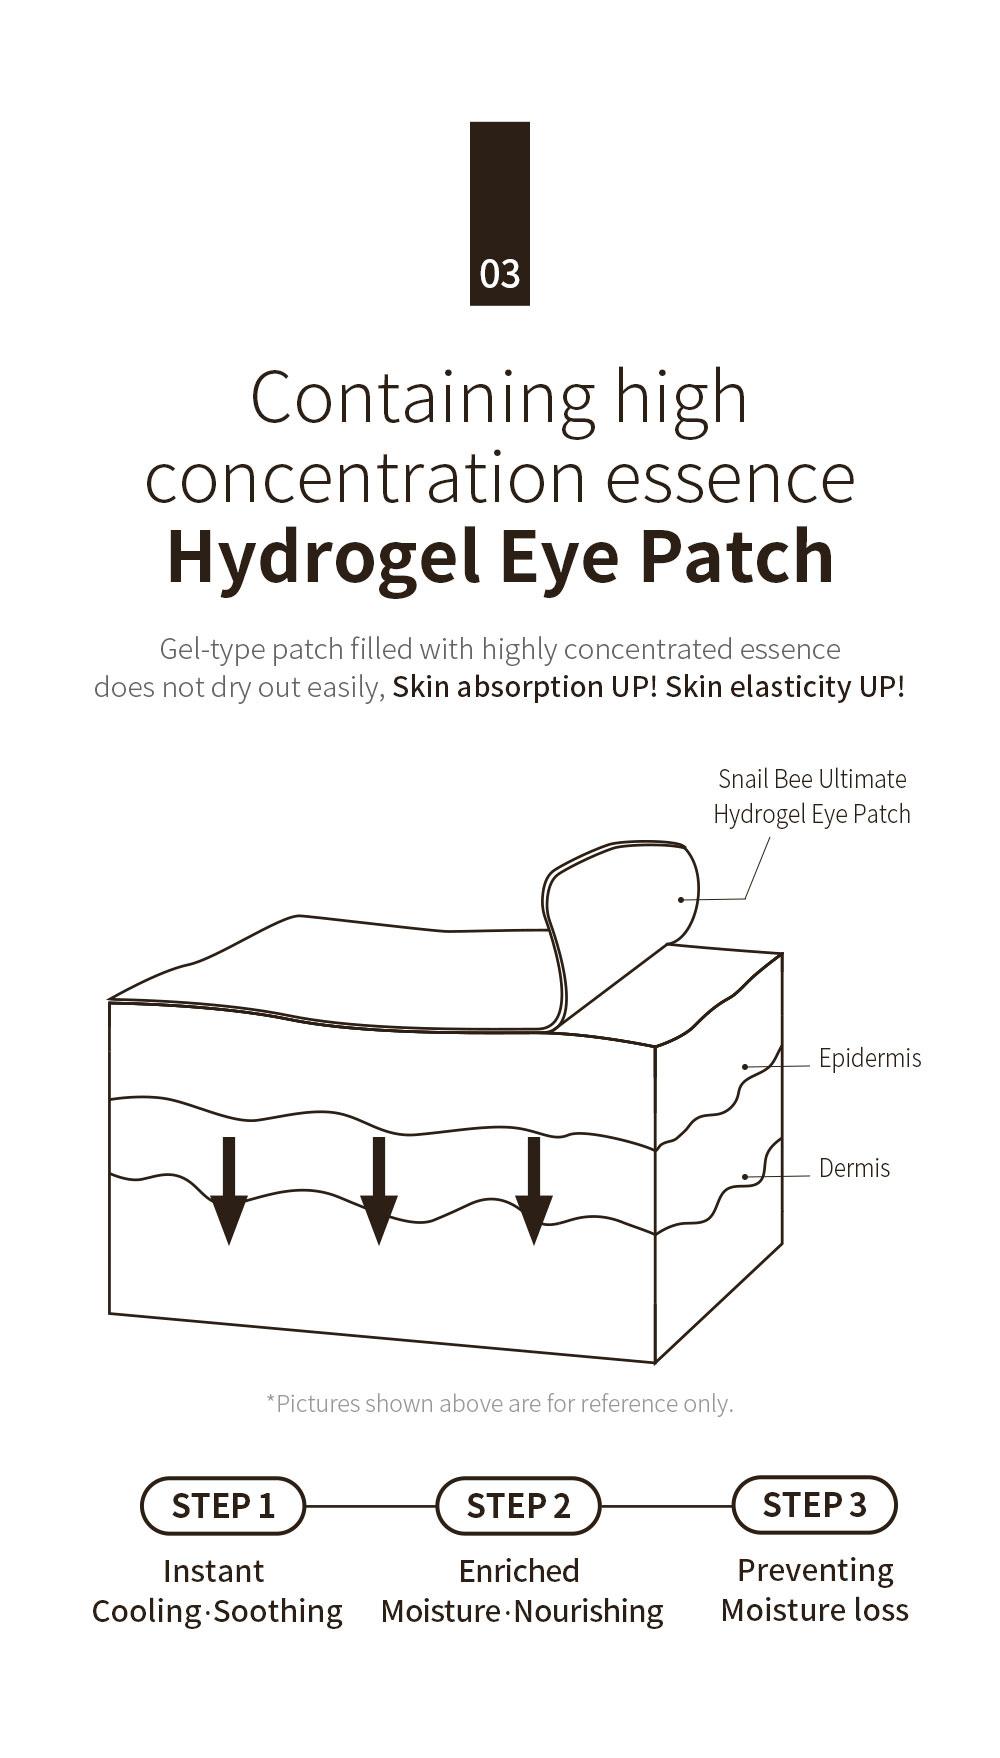 Snail Bee Ultimate Hydrogel Eye Patch-5